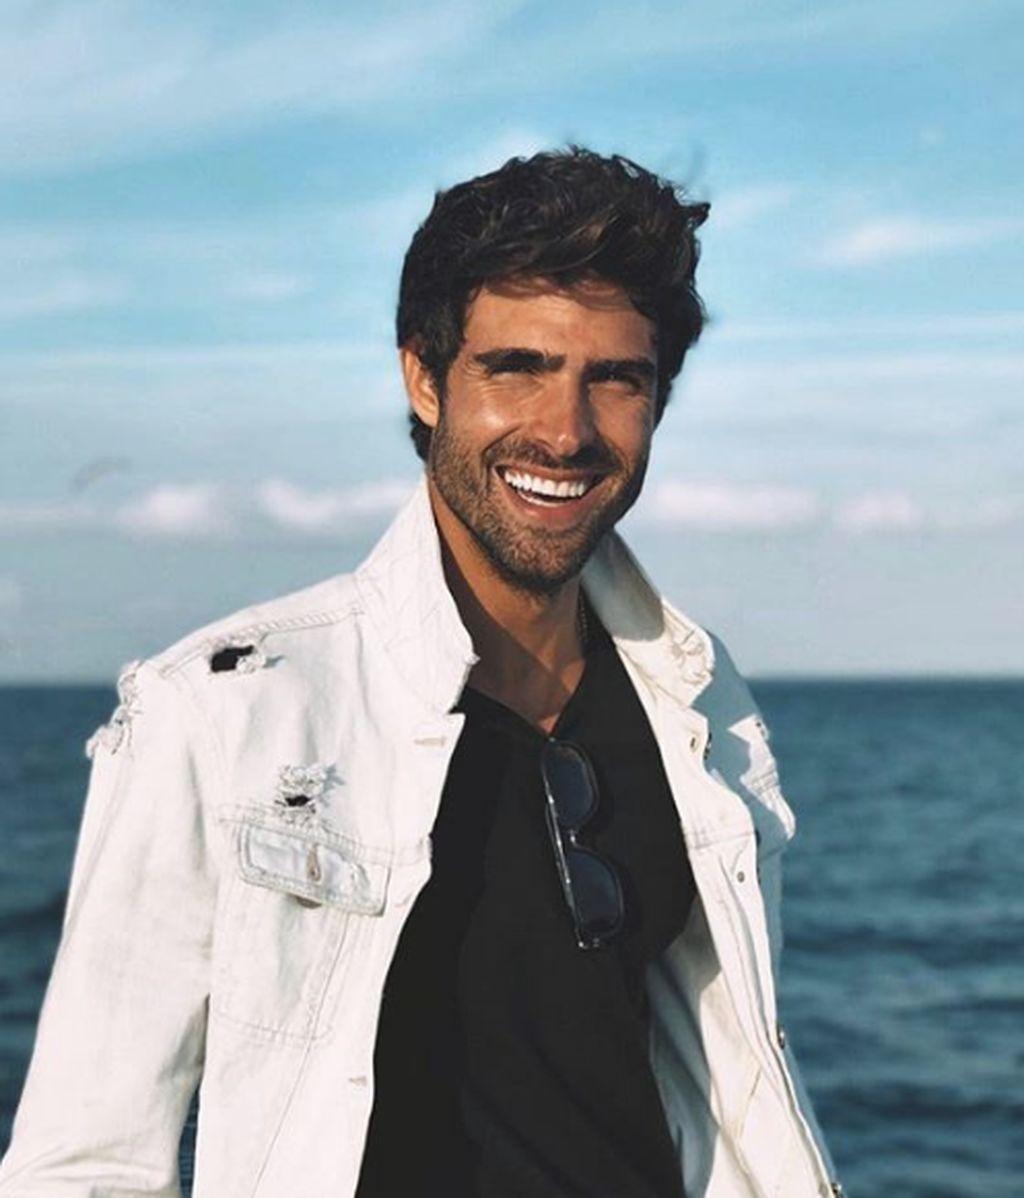 Juan Betancourt supera su ruptura con Rocio Crusset en compañía de una tronista de 'Mujeres y Hombres'